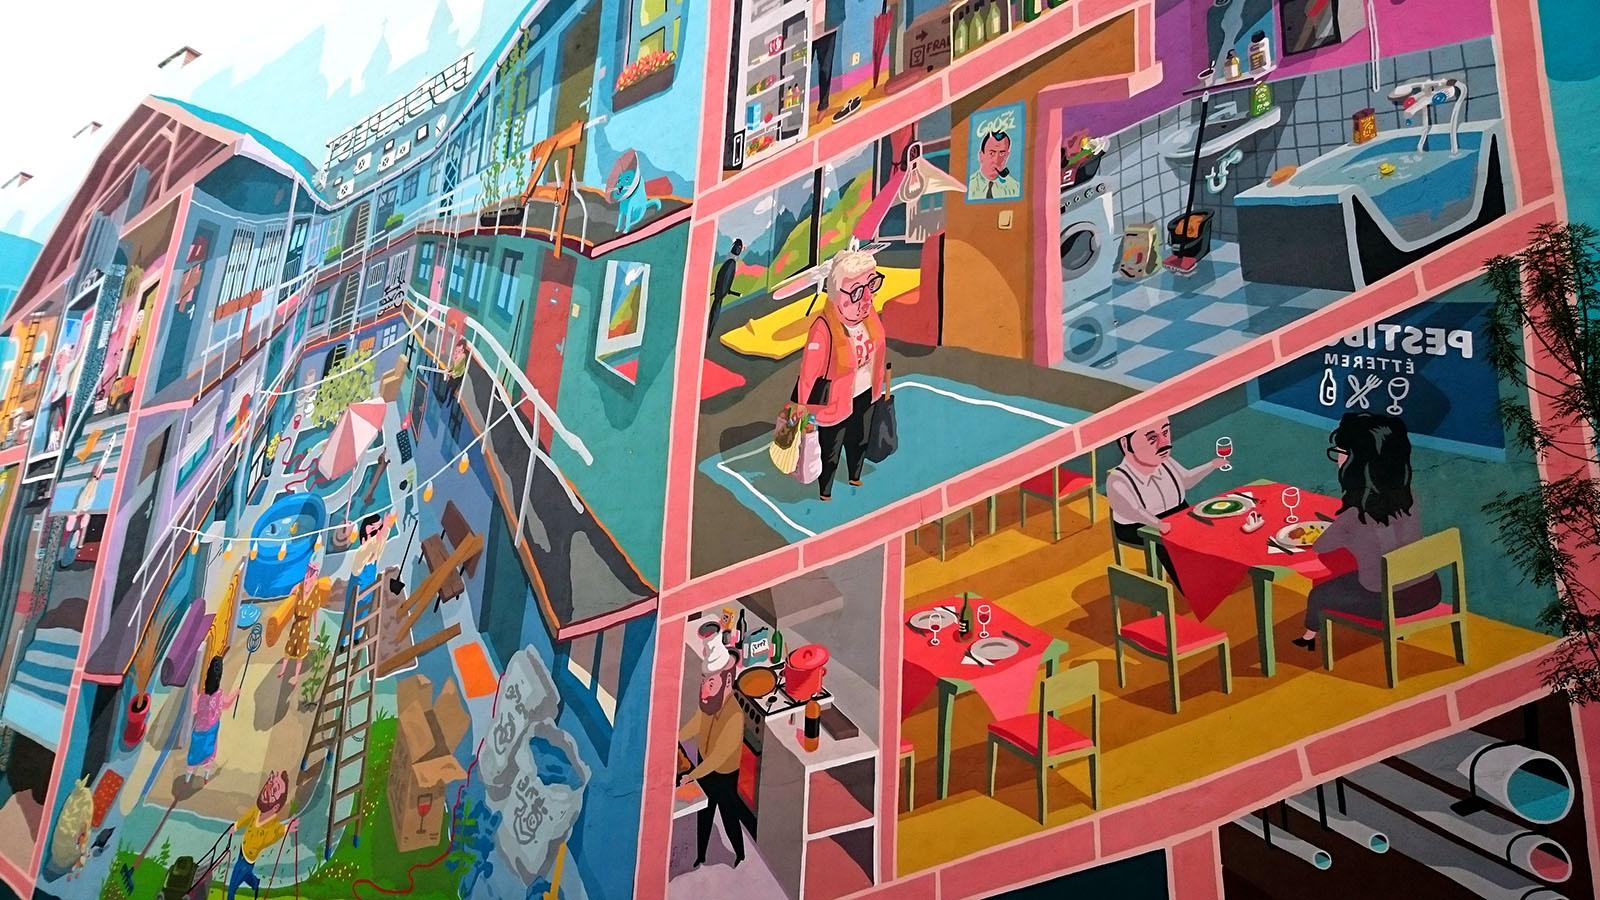 neopaint works - tűzfalfestés - falfestmény - dekorációs festés - graffiti (17)